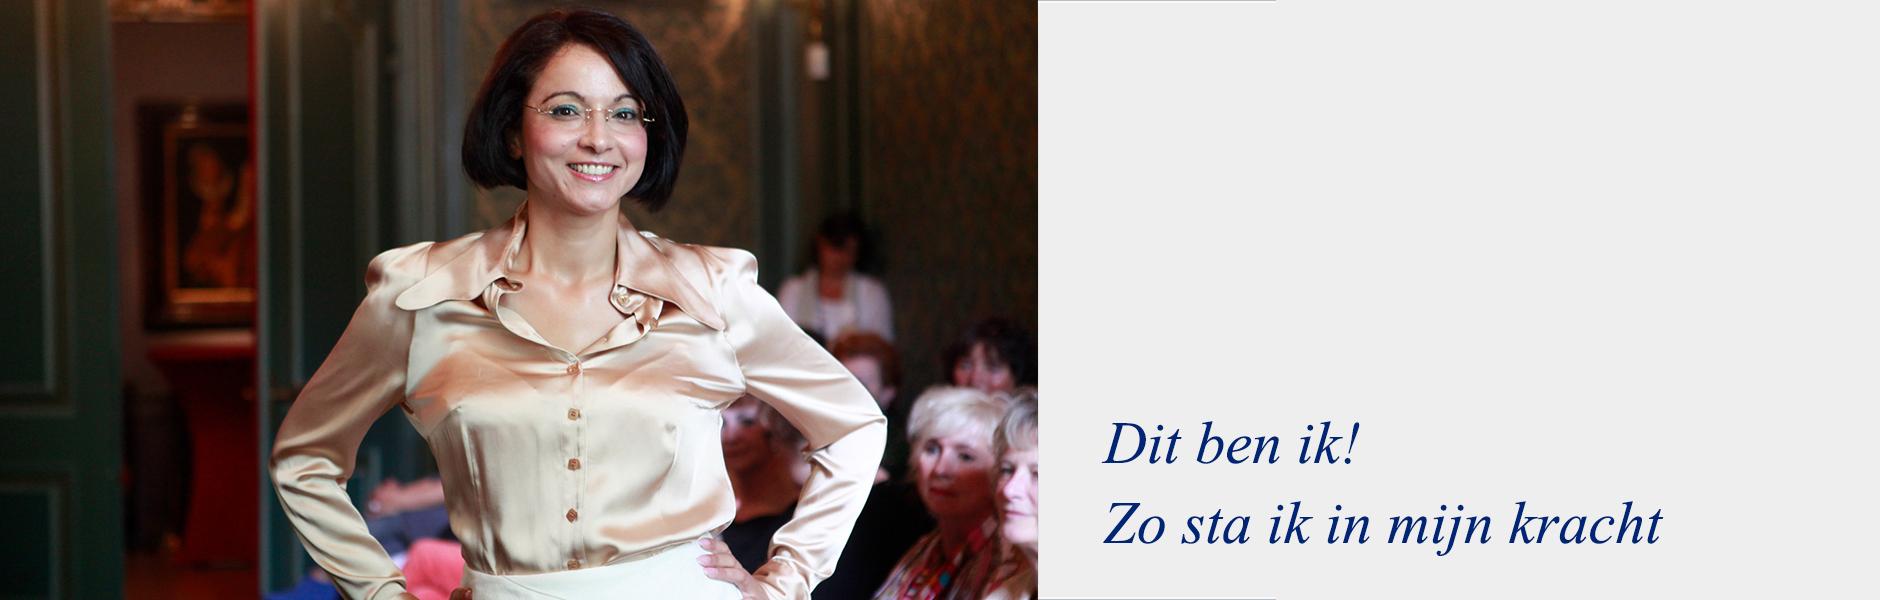 Slider 3 NL 2020